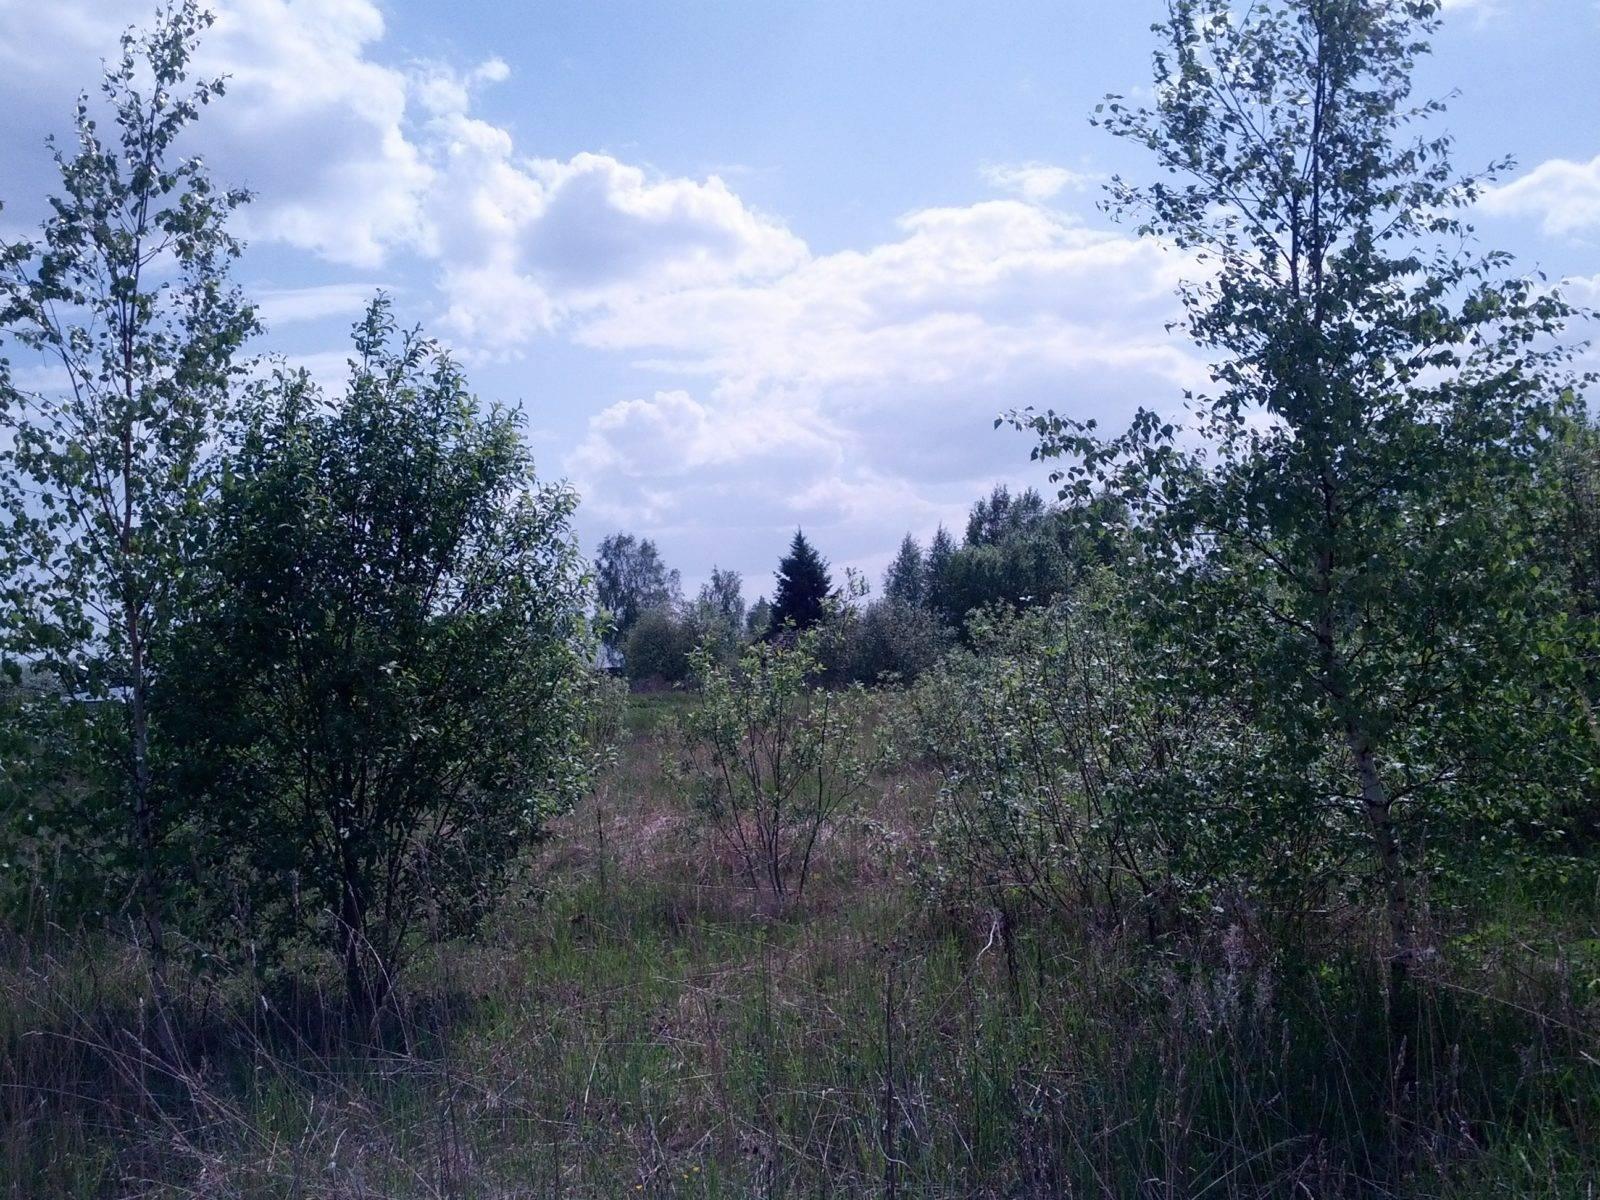 Земля с деревьями фото